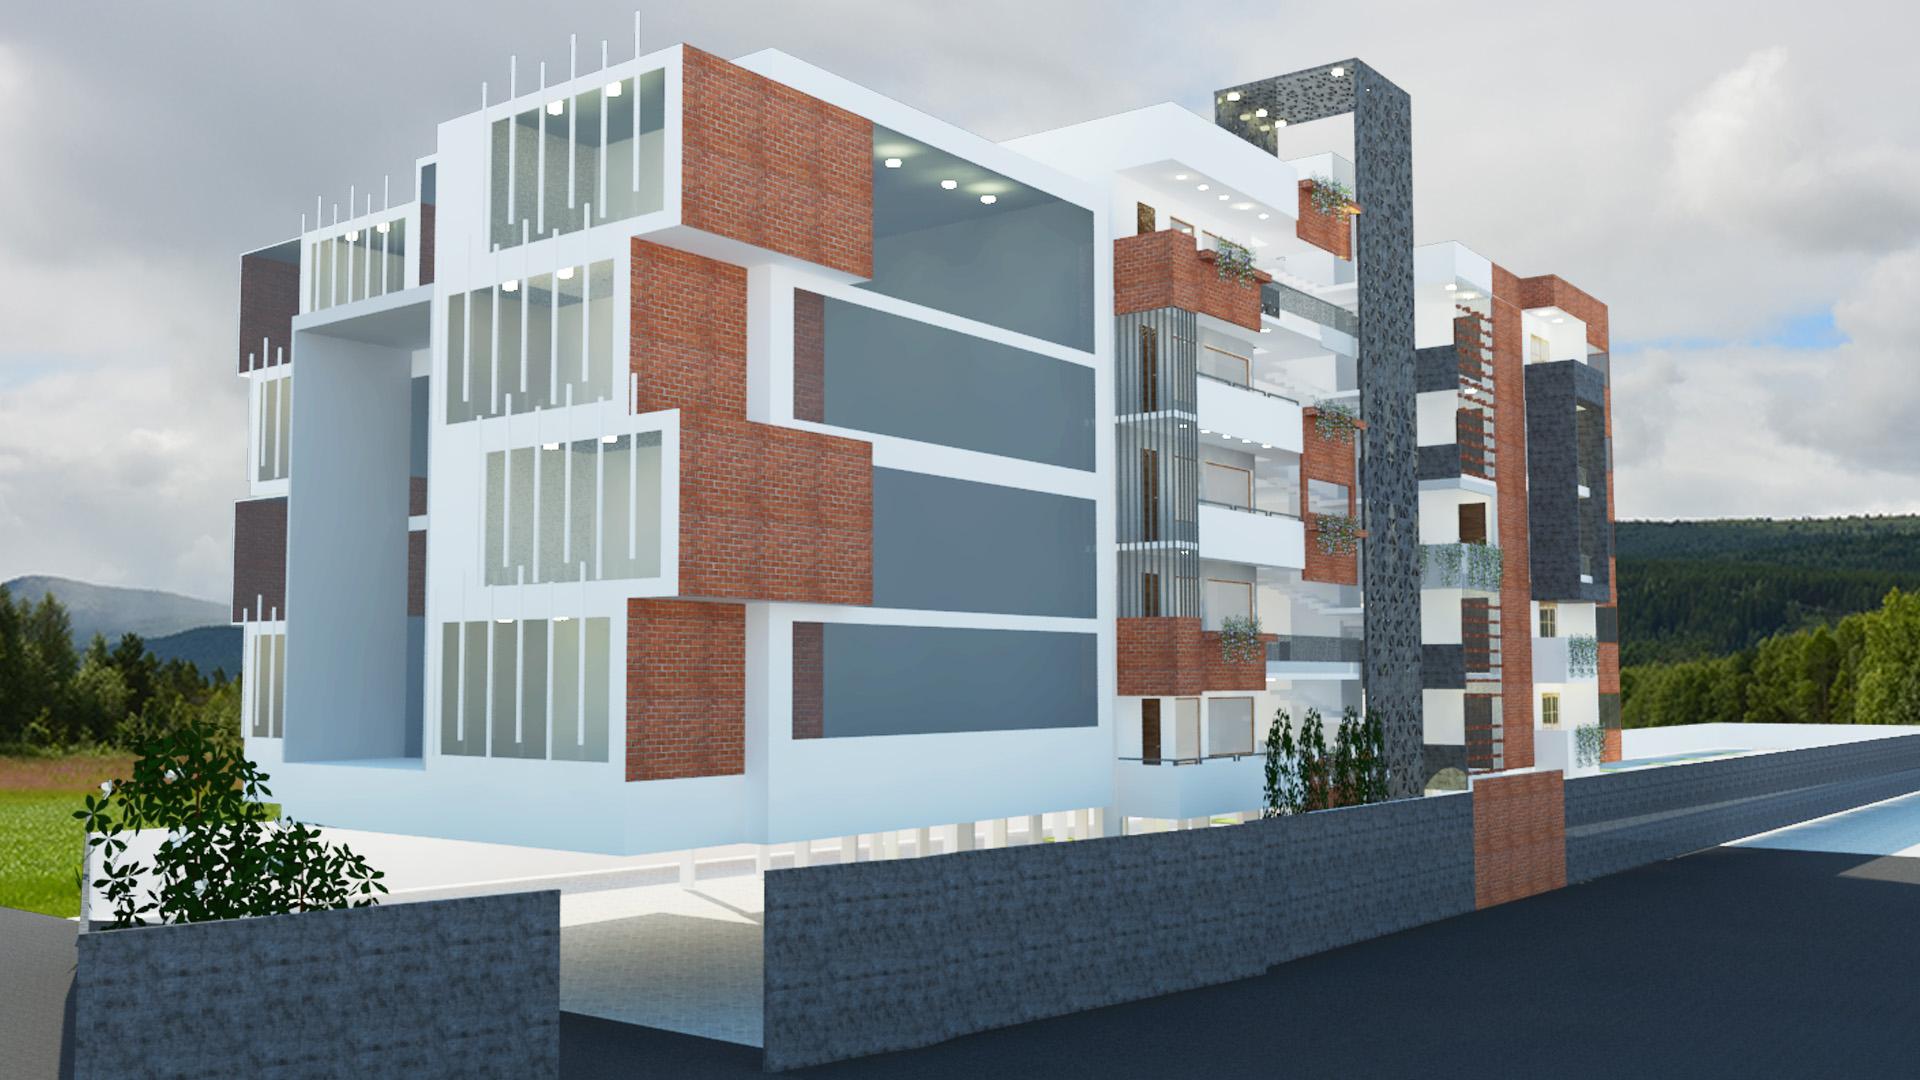 Apartment design - Bellary image